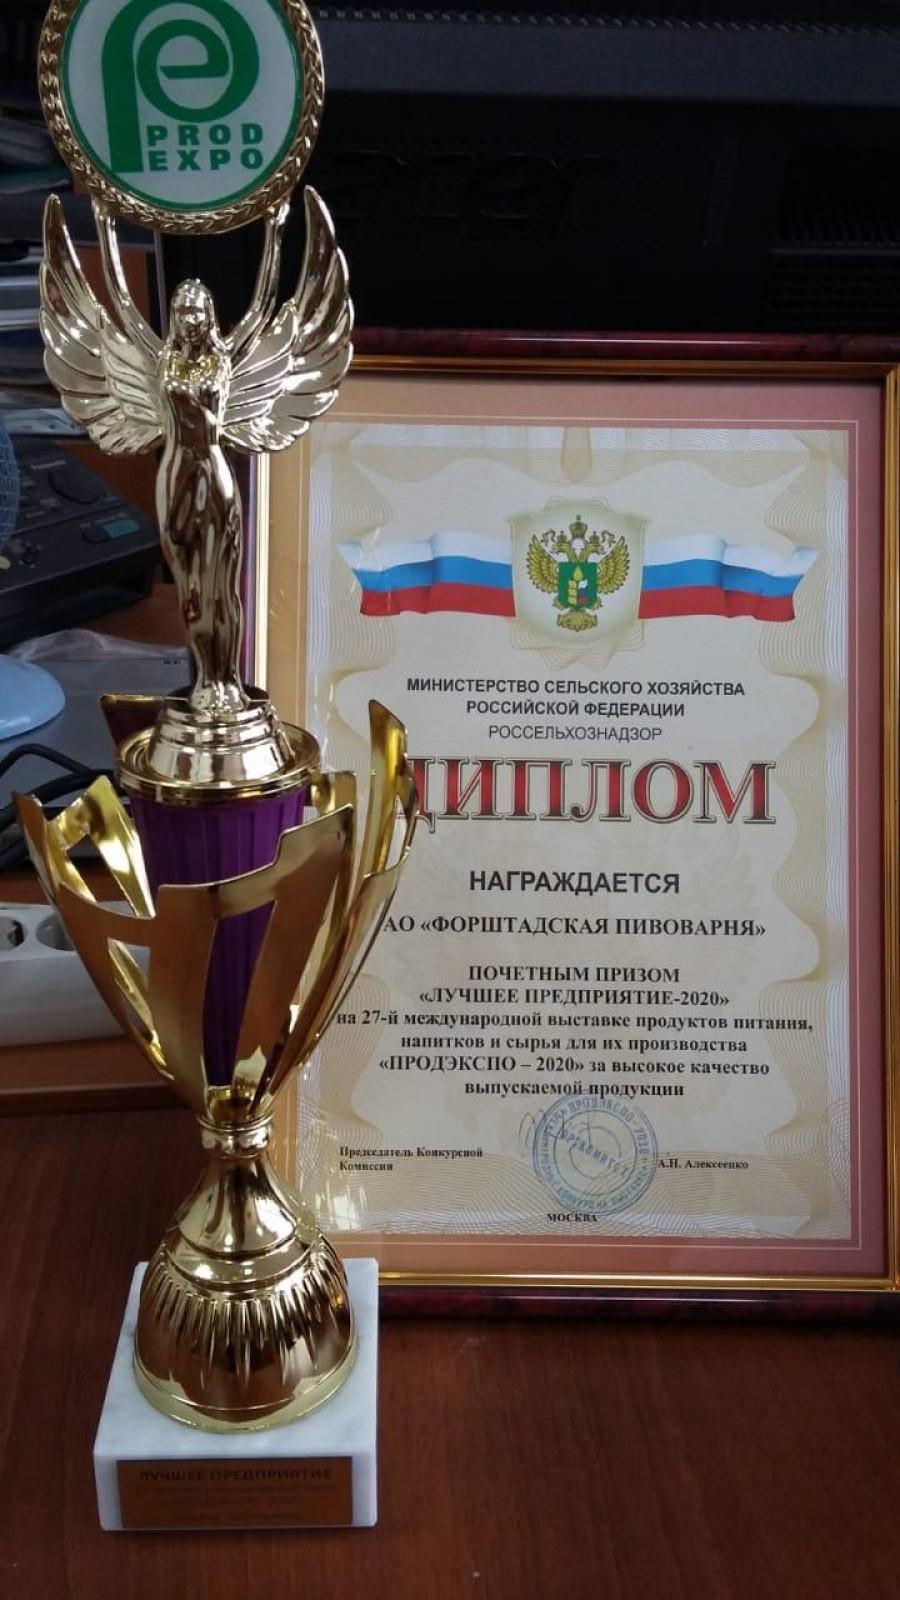 Кубок в номинации «Лучшее предприятие 2020»